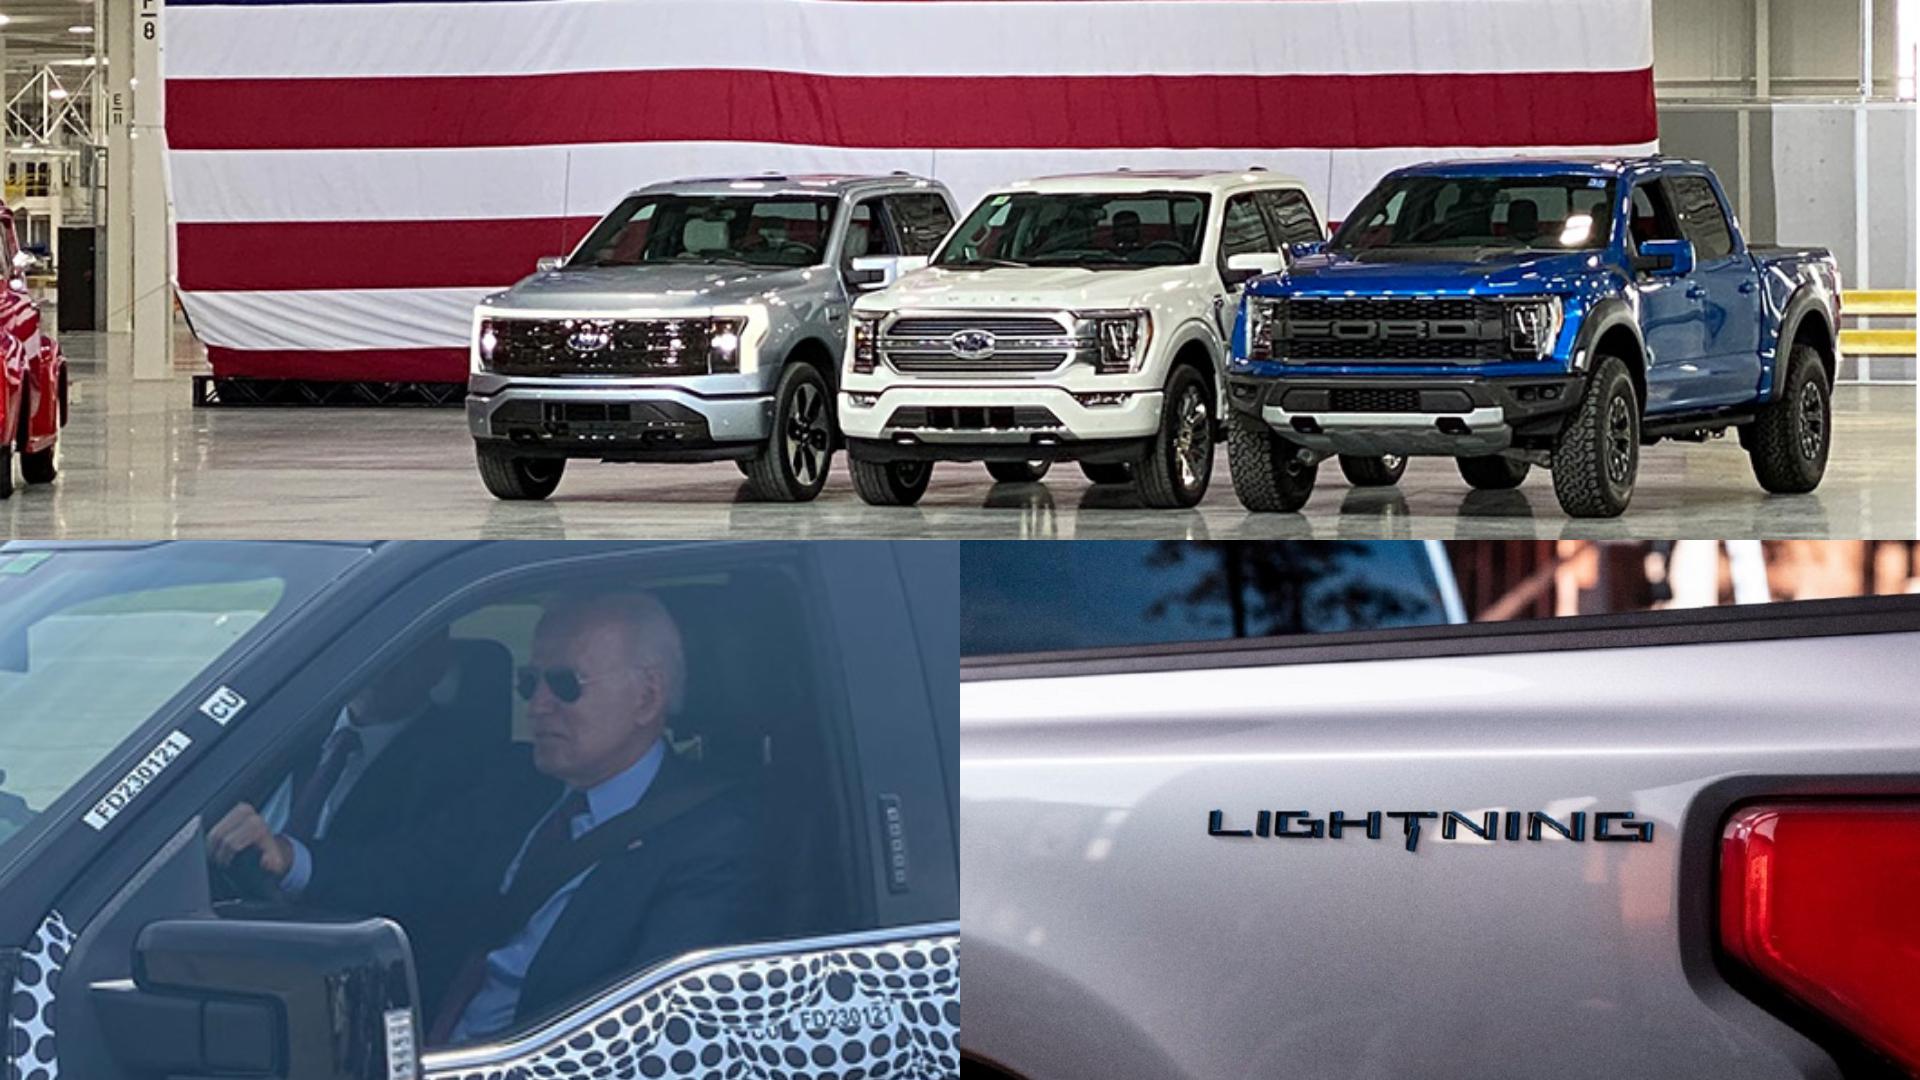 美國總統拜登試駕還沒發表的Ford F150 Lightning。(圖片來源/ 截自Mike Levine推特) 被美國總統「認證」的快車! 拜登搶先試電動F150 Lightning